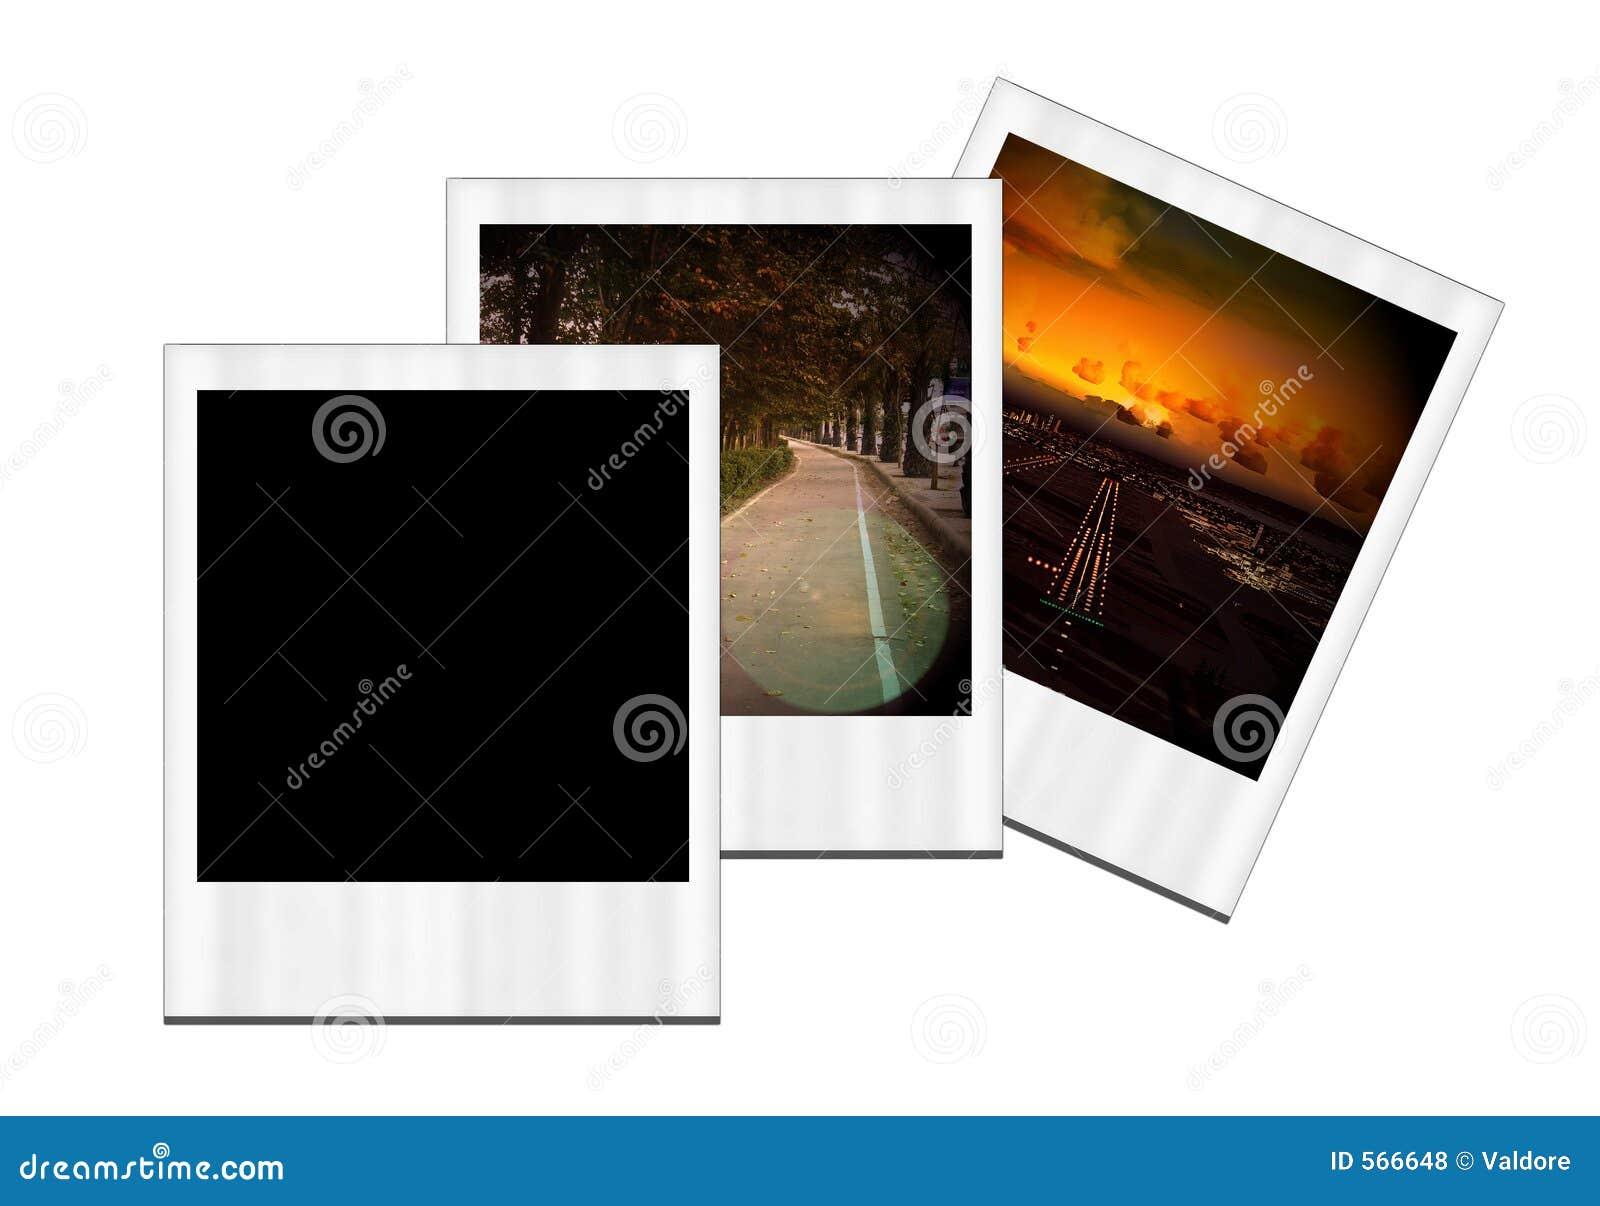 Ainda imagens